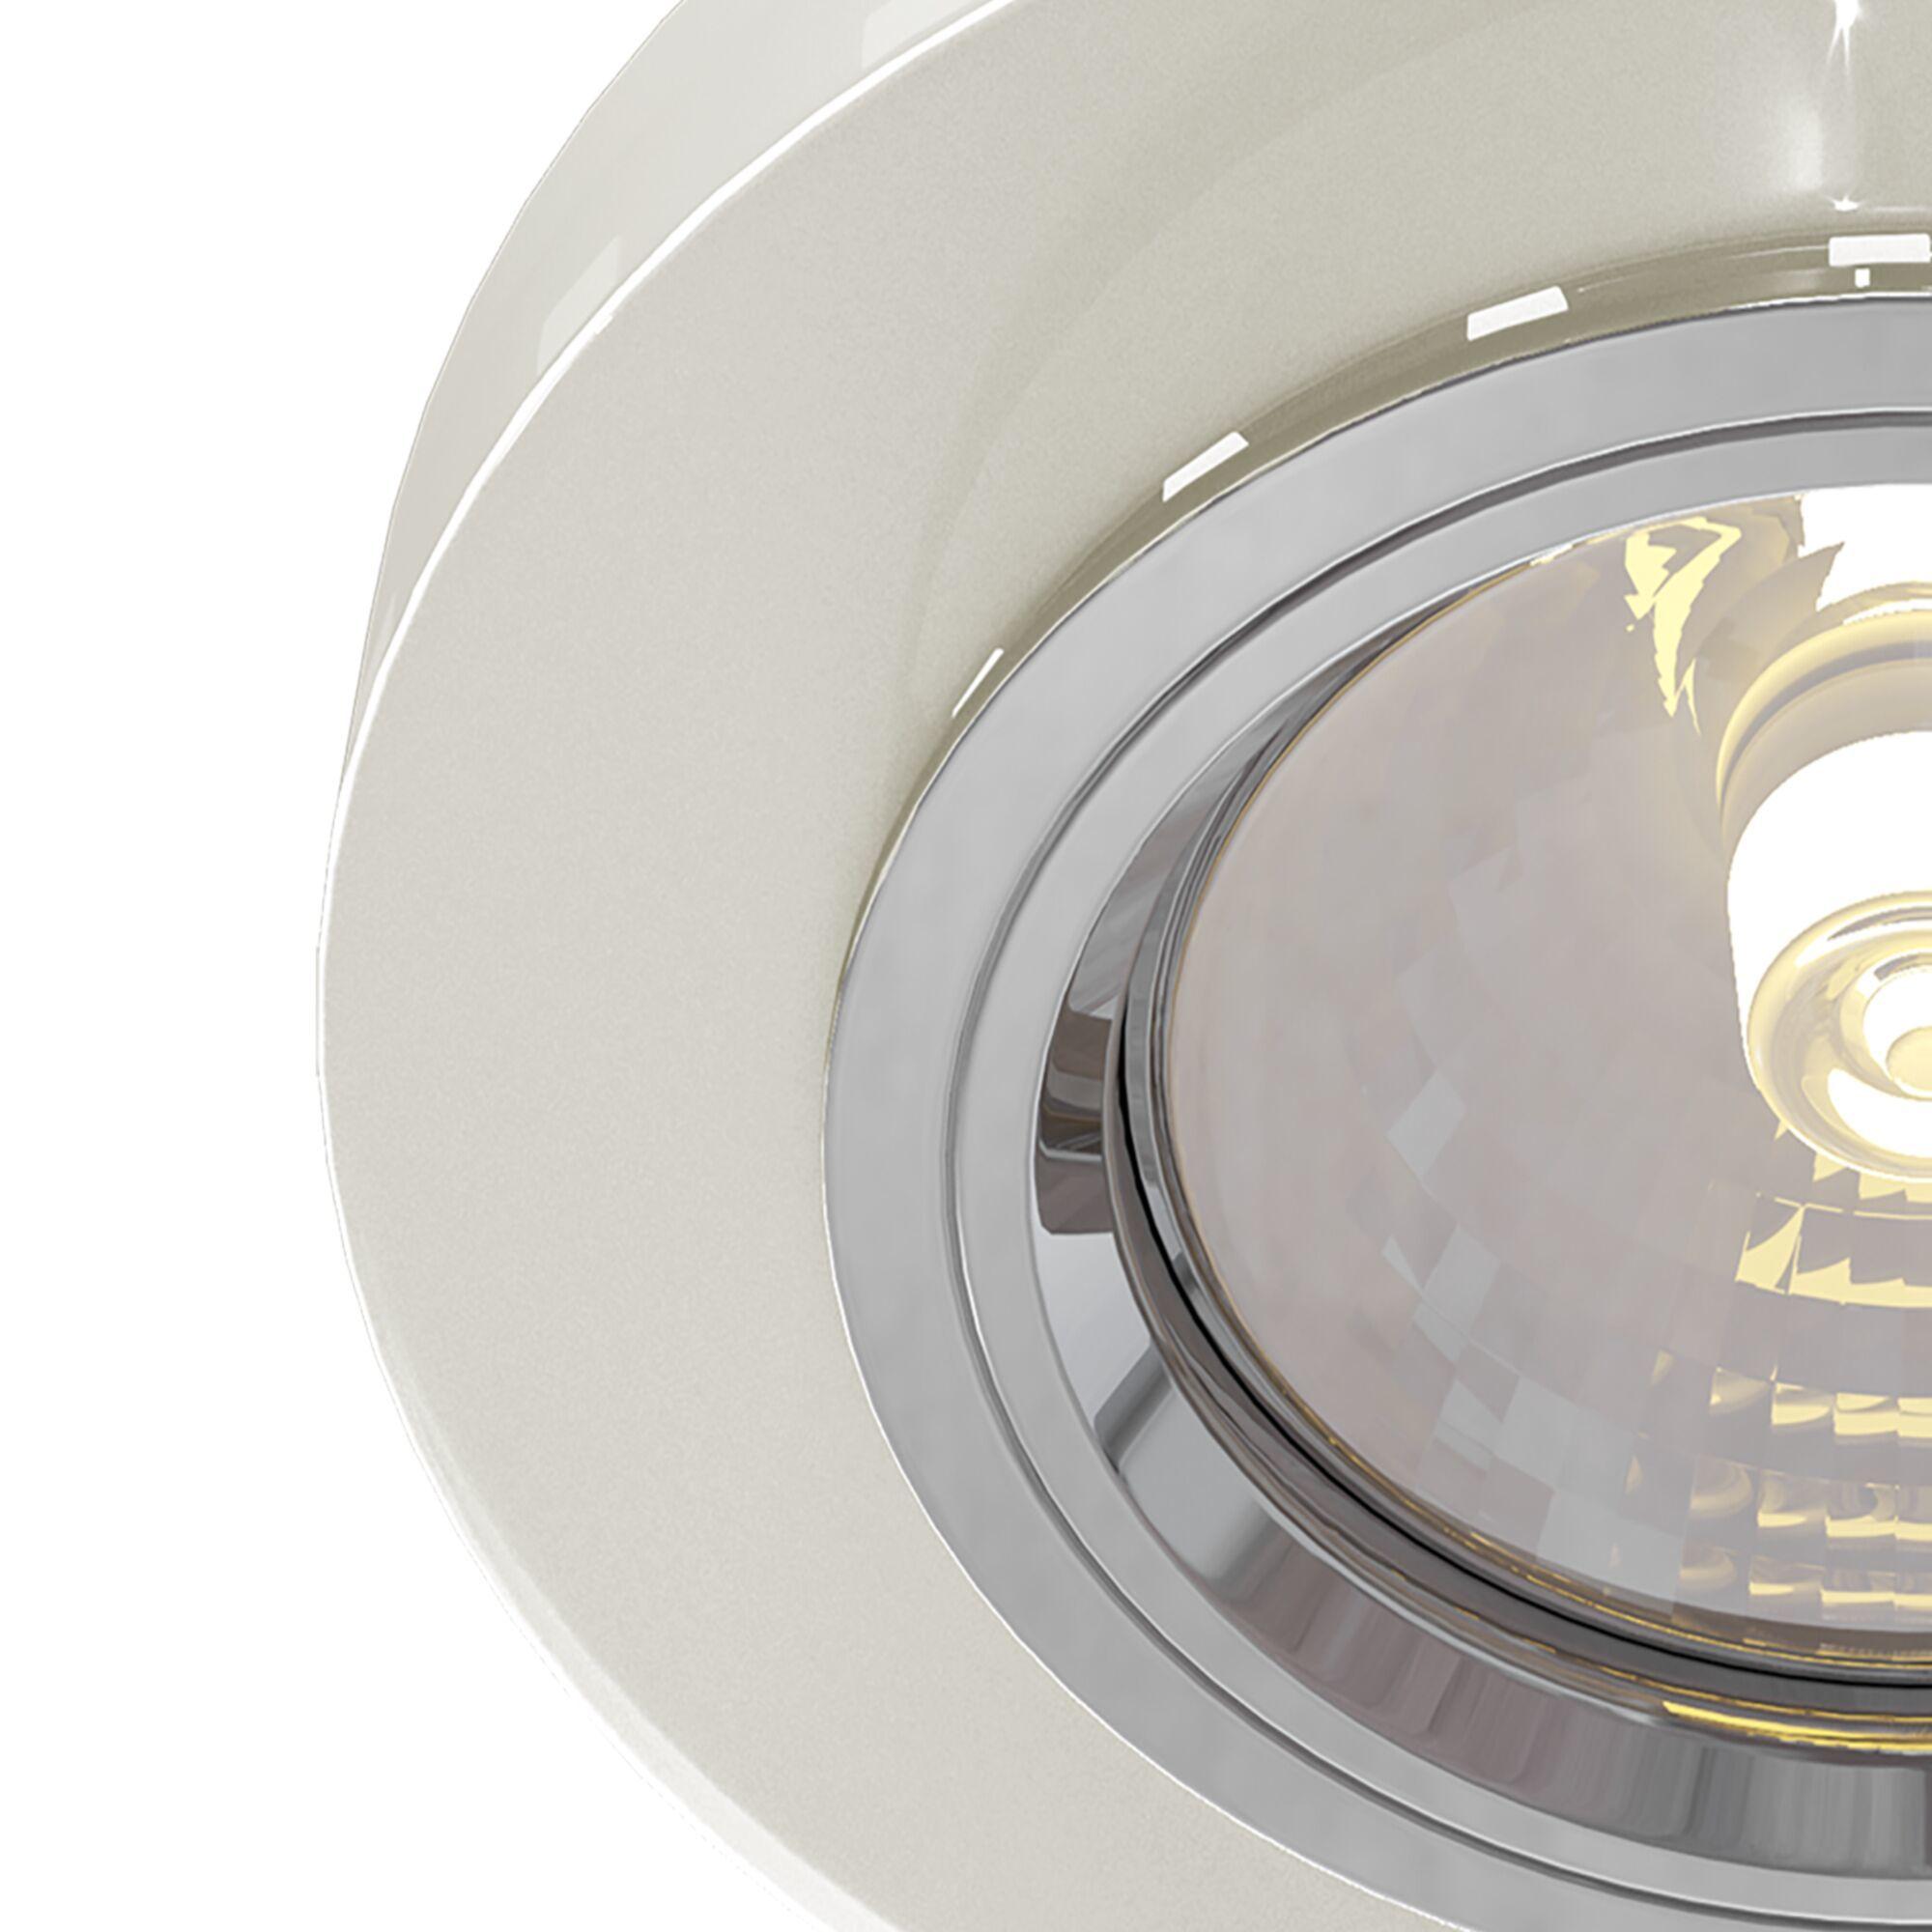 Встраиваемый светильник Maytoni Metal Modern DL291-2-3W-W, 1xGU10x50W, белый, стекло - фото 3